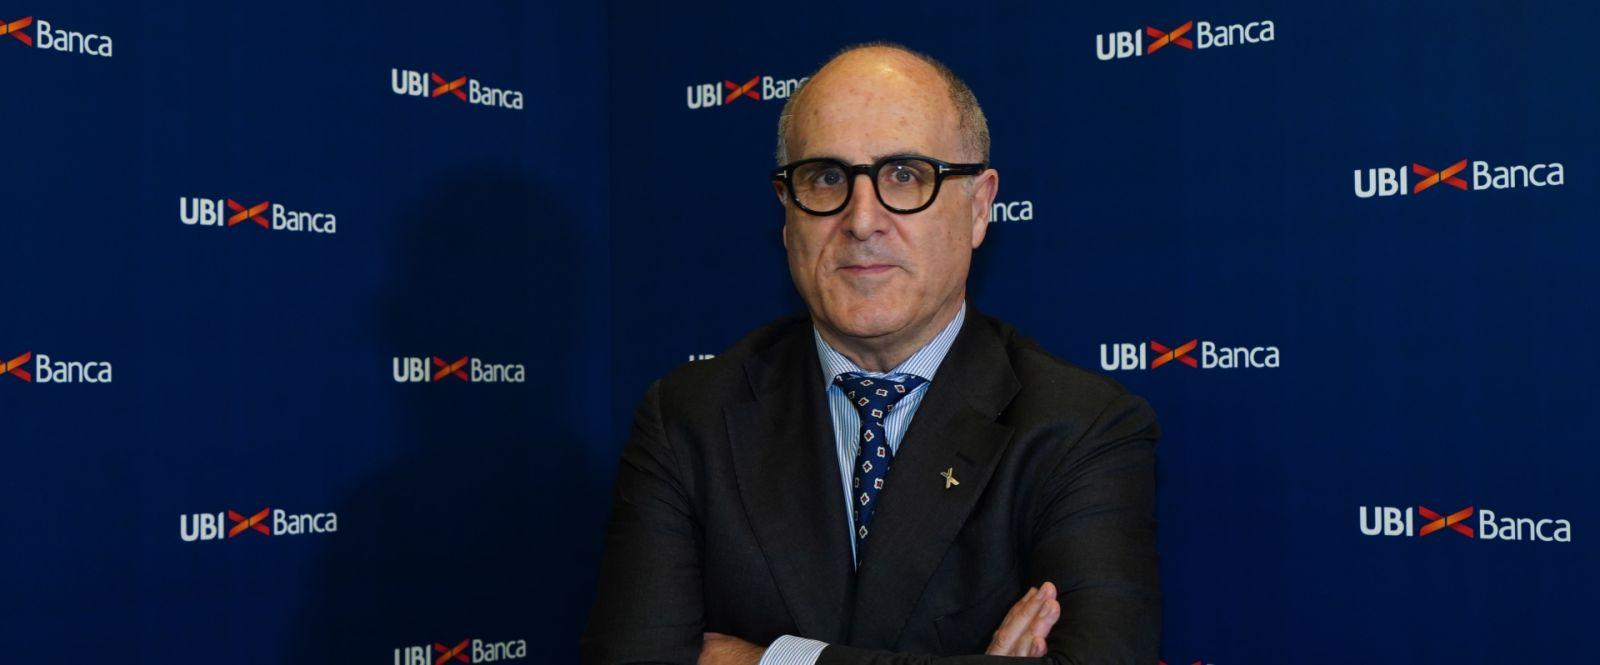 Victor Massiah, ceo di Ubi Banca